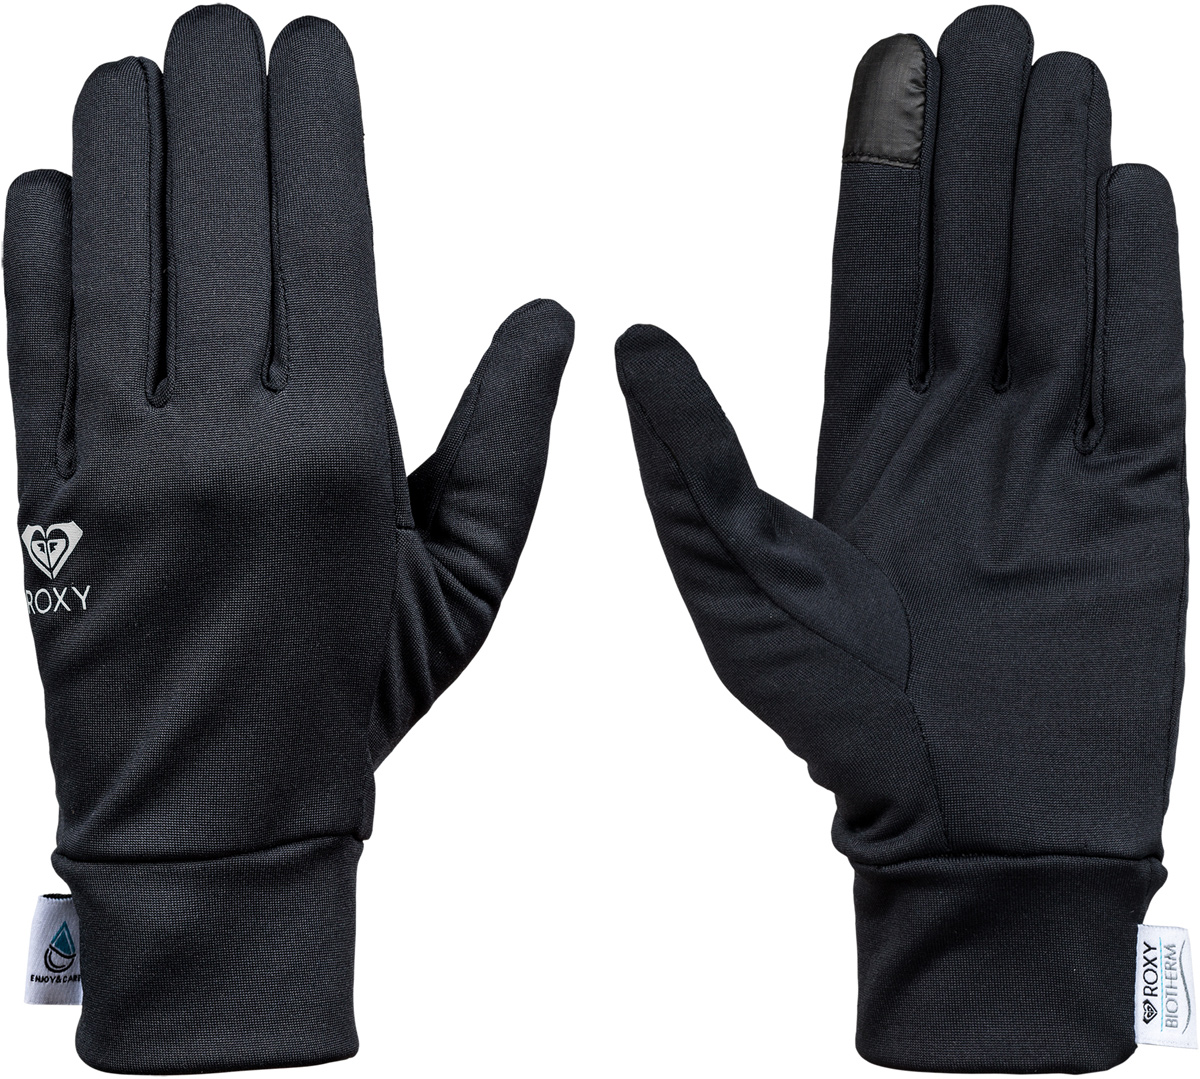 Перчатки женские Roxy Enjoy & Care, цвет: черный. ERJHN03073-KVJ0. Размер L (7,5)ERJHN03073-KVJ0Сноубордические перчатки Roxy Enjoy & Care выполнены из технологичного эластичного текстиля Polartec Power Stretch с подкладкой из косметотекстиля Enjoy & Care. Широкие манжеты обеспечивают комфортную посадку модели на руке. Указательный палец подходит для пользования тачскрином.